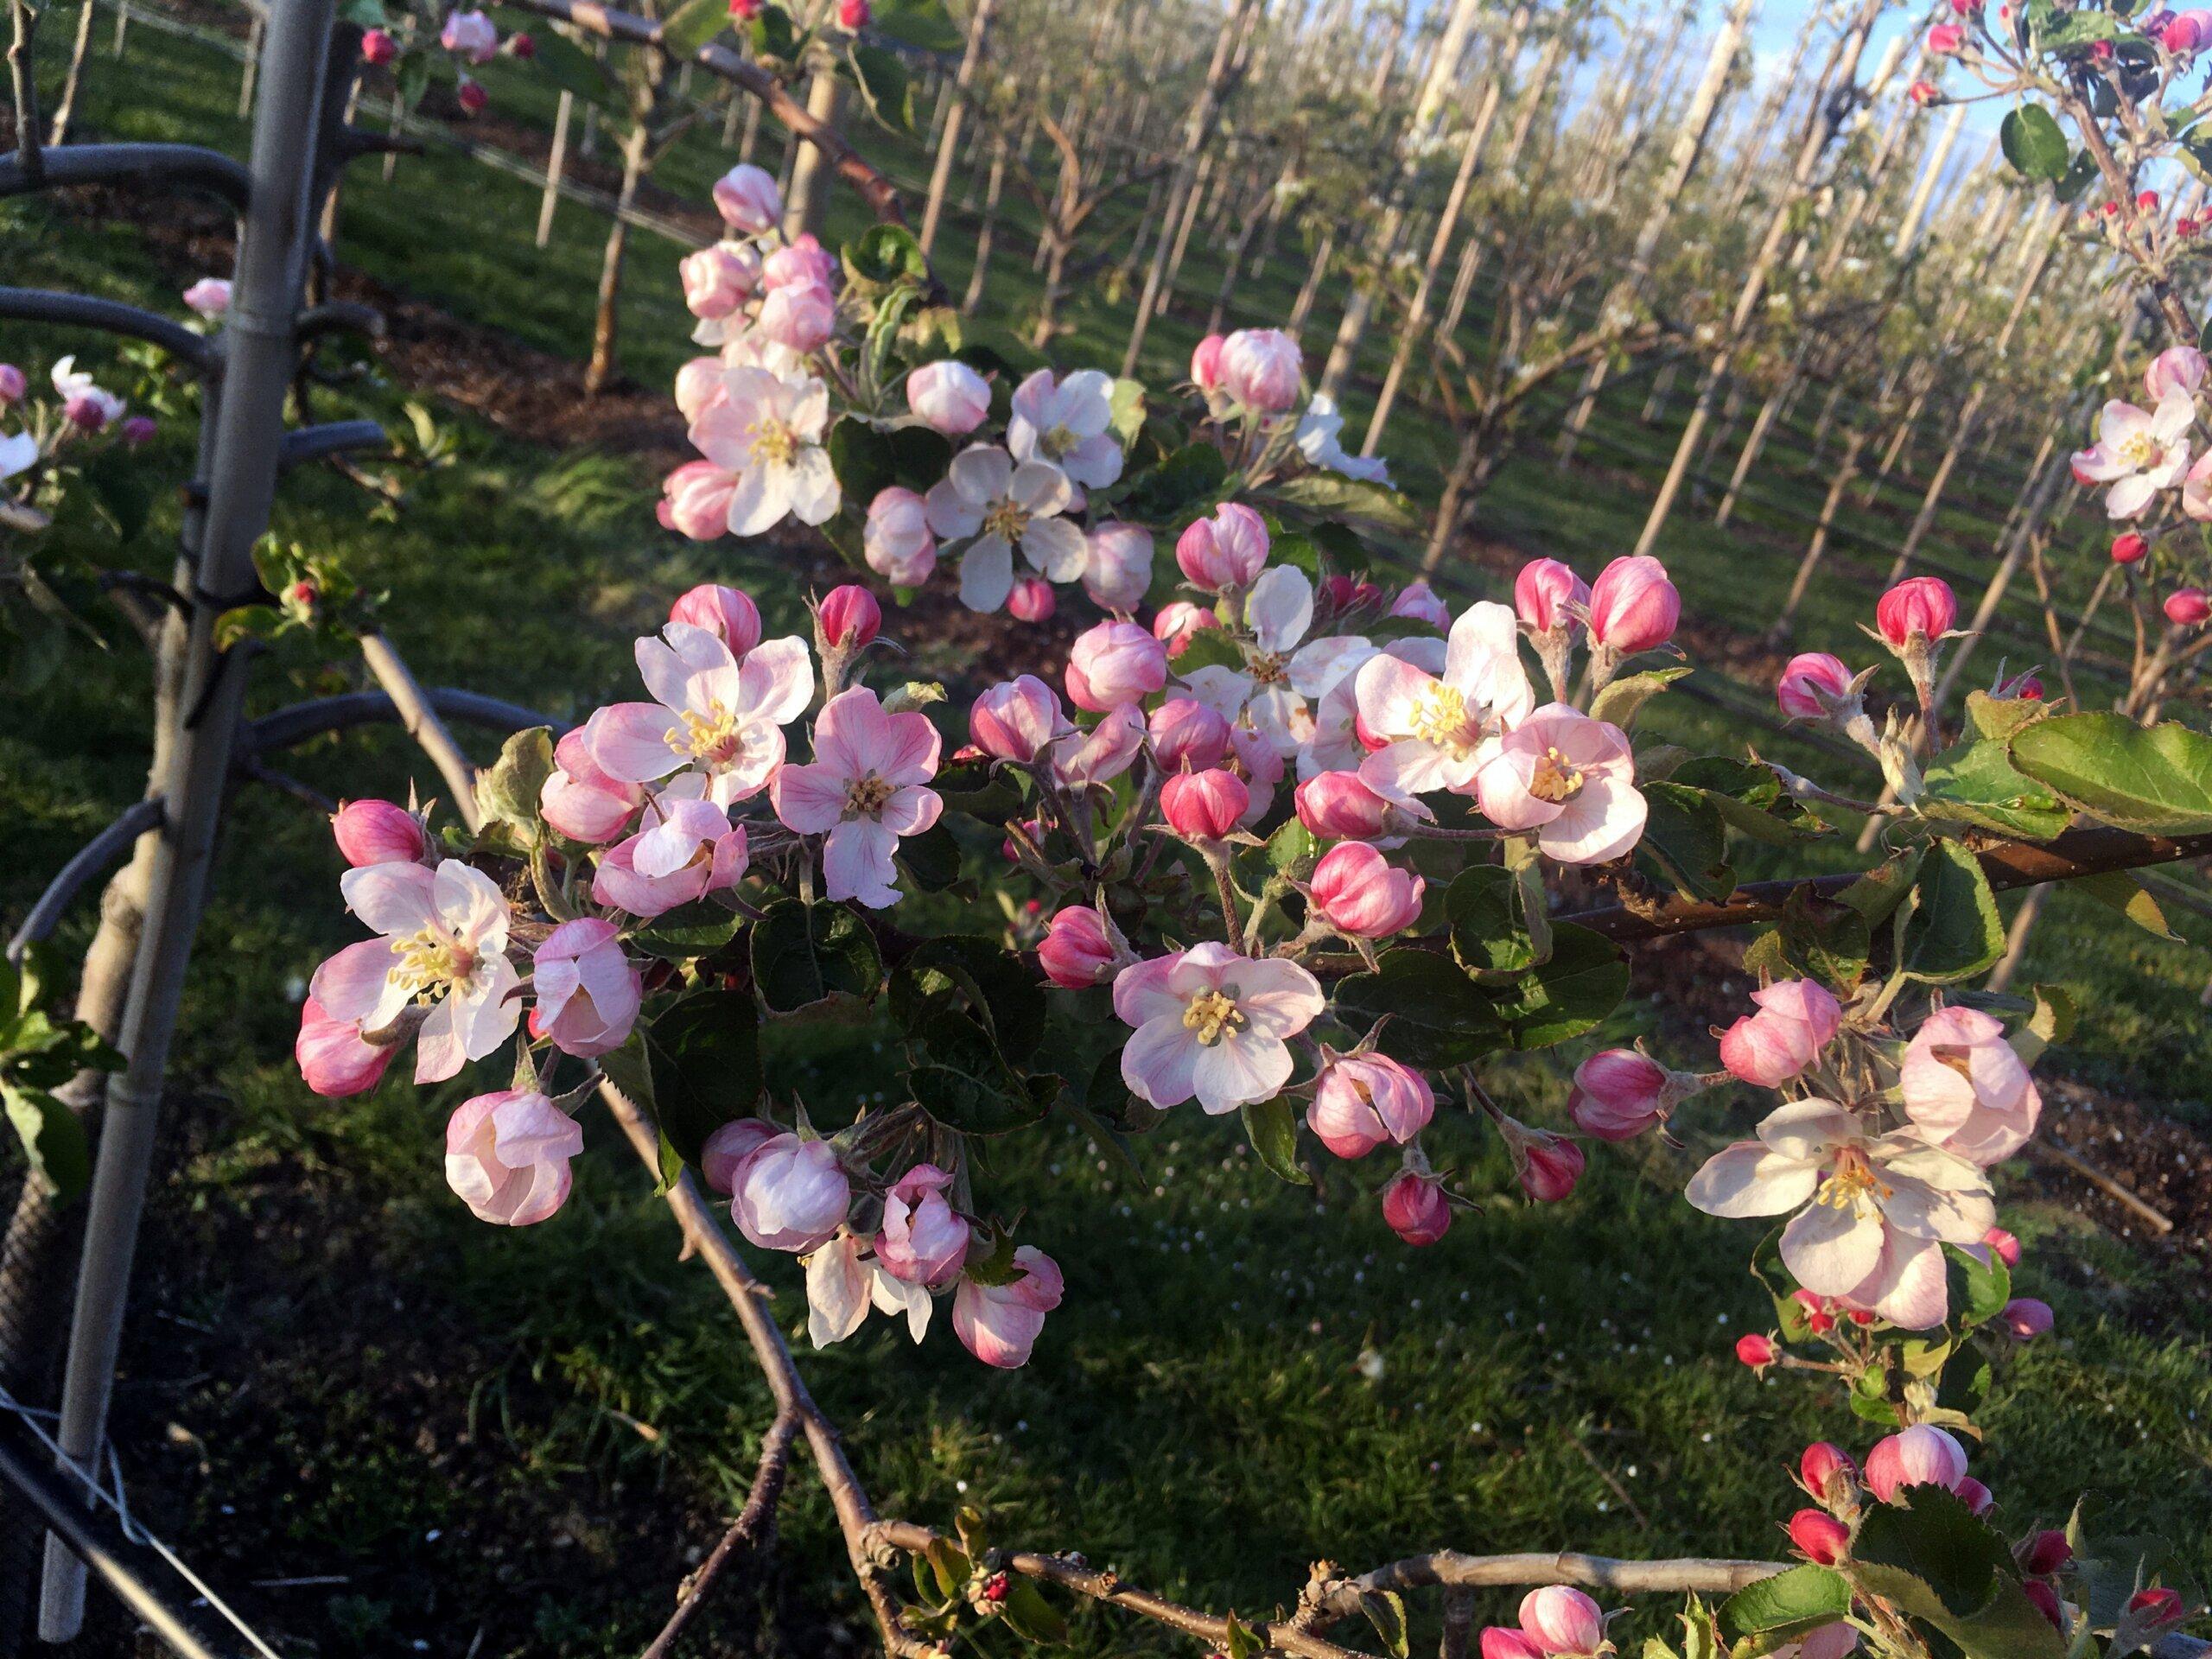 Fruitbedrijf van den Berge-appelbloei  5-5-2021